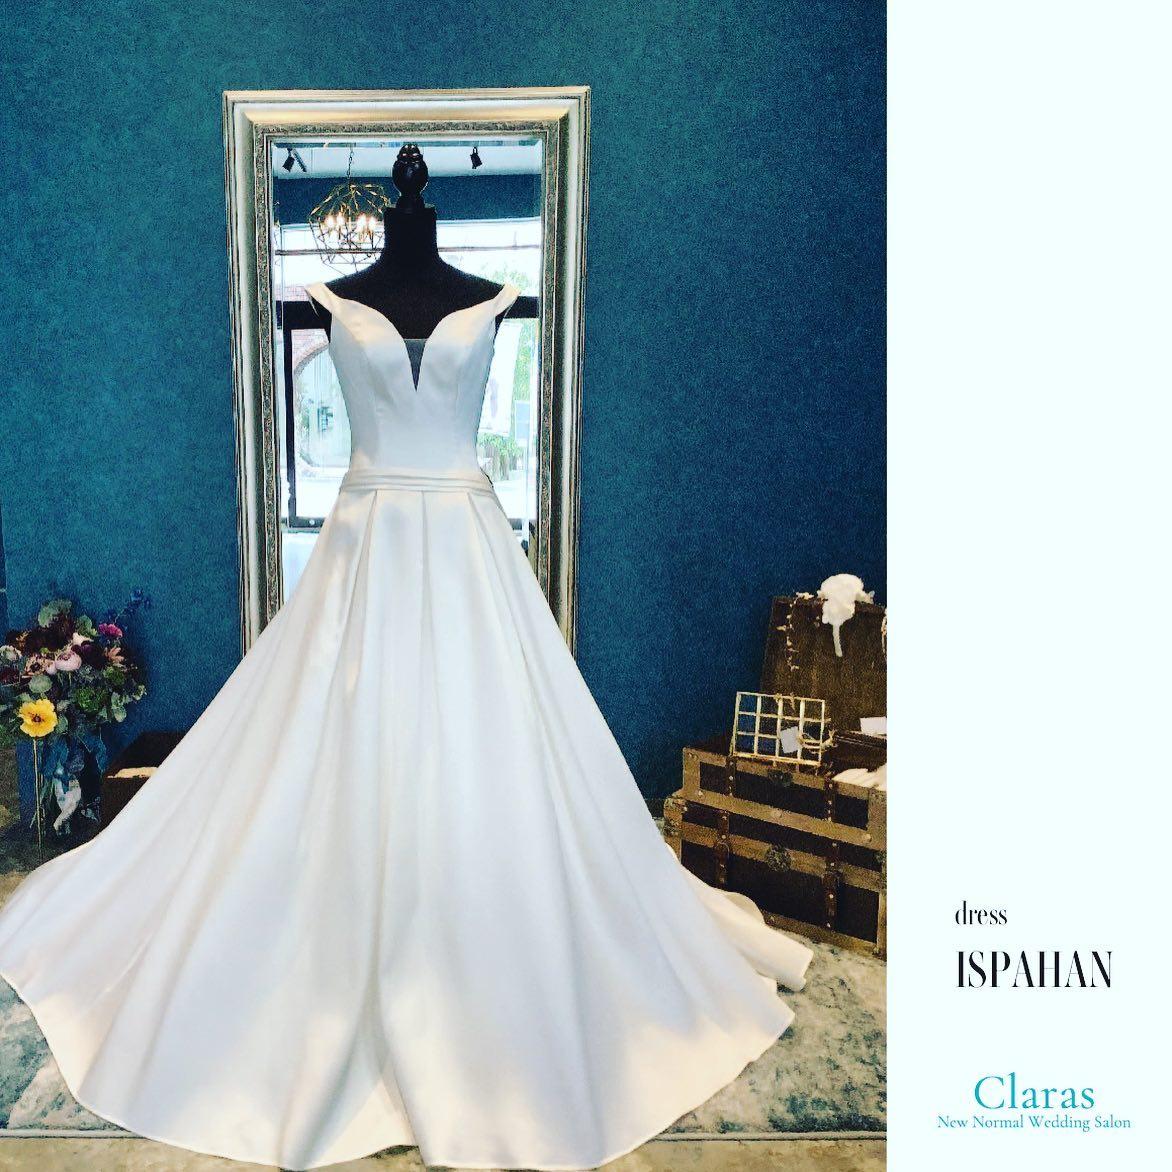 """🕊Claras classical🕊ミカドシルクの光沢が本当に美しい気品溢れるクラシックさが特徴の一着・フロントの深く開いたVカットが、上半身をスッキリと魅せてくれます大人のクラス感高まるドレスはホテルウェディングにもオススメです・""""ISPAHAN""""購入価格:¥360,000・#wedding #weddingdress #instagood #instalike #claras #paris #ウェディングドレス #プレ花嫁 #ドレス試着 #ドレス迷子#2021冬婚 #ヘアメイク #結婚式  #ドレス選び #前撮り #インポートドレス #フォトウェディング #ウェディングヘア  #フォト婚 #ニューノーマル #ブライダルフォト #カップルフォト #ウェディングドレス探し #ウェディングドレス試着 #セルドレス #ドレスショップ  #クラシカルドレス #ホテルウェディング #ミカド"""